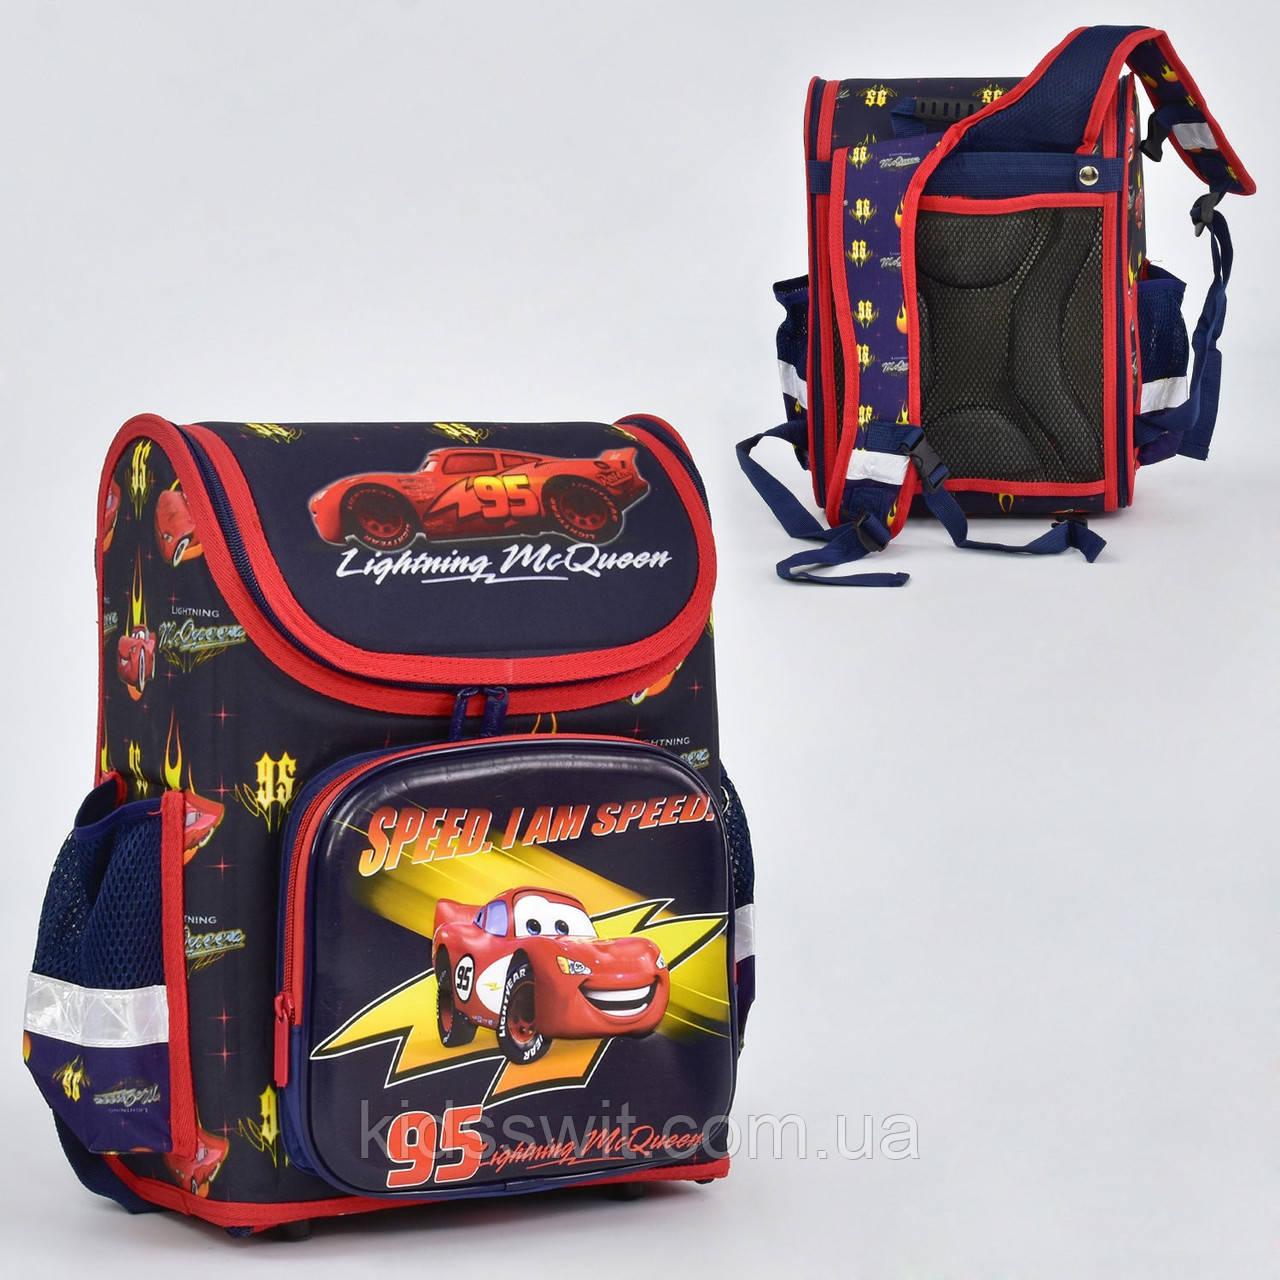 Рюкзак школьный каркасный 1 отделение, 3 кармана, спинка ортопедическая N 00196